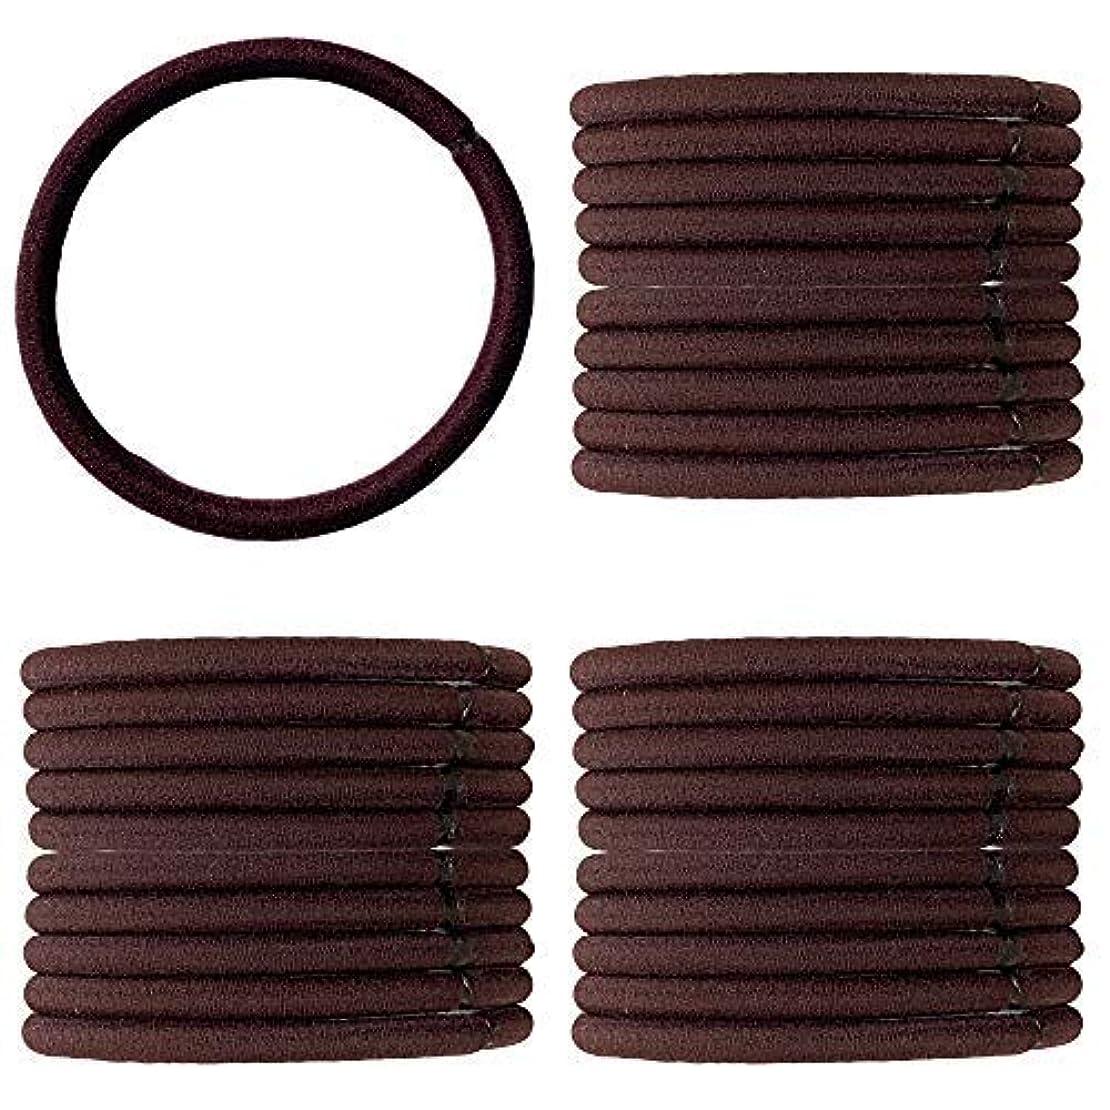 スリル持続するアンタゴニスト[CLAN(クラン)] へアゴム リングゴム 結び目のない内径 5cm 太さ4mm 茶色 30点